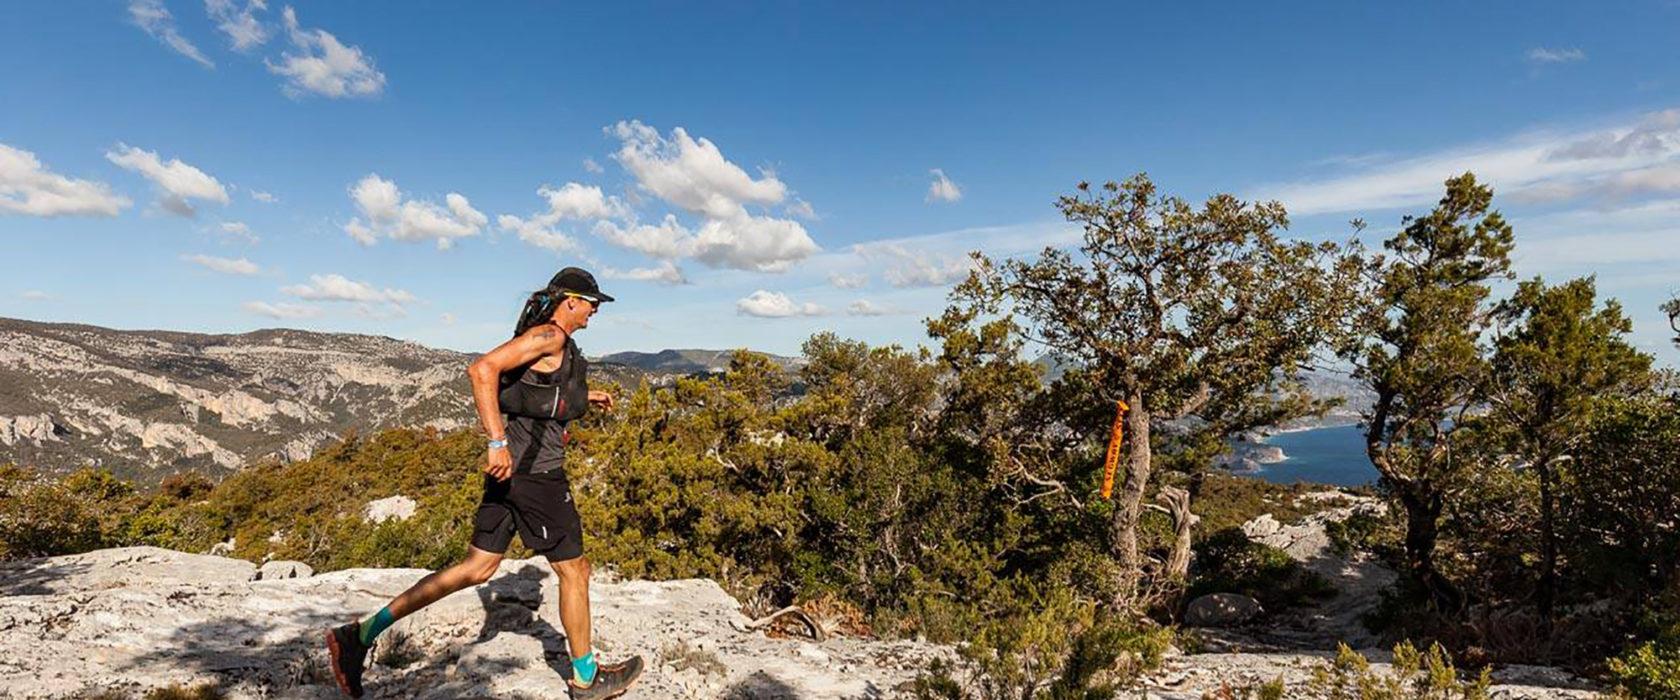 Markus-im-Rennen,-Foto-Luca-Sgualdini